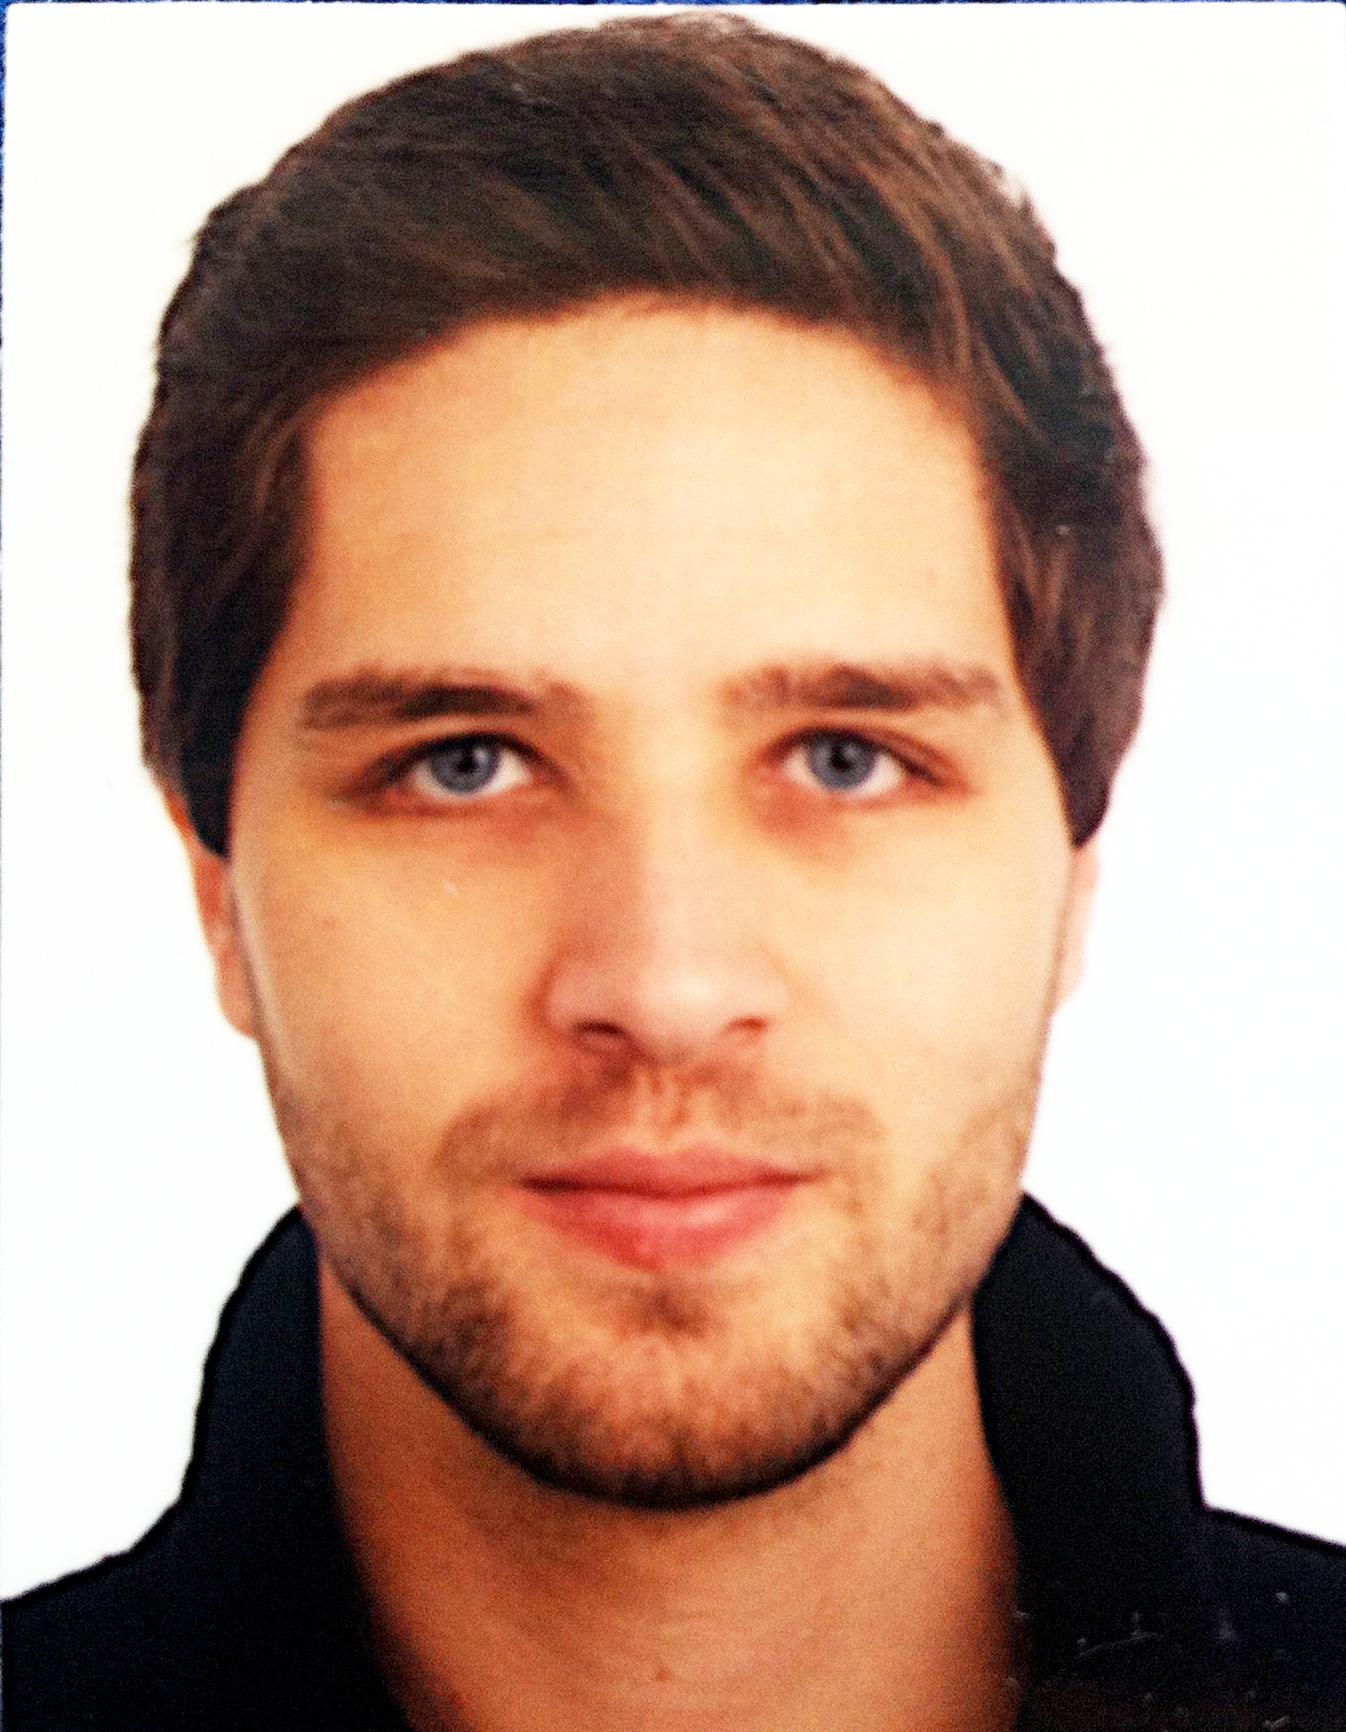 Lucas Schuhle